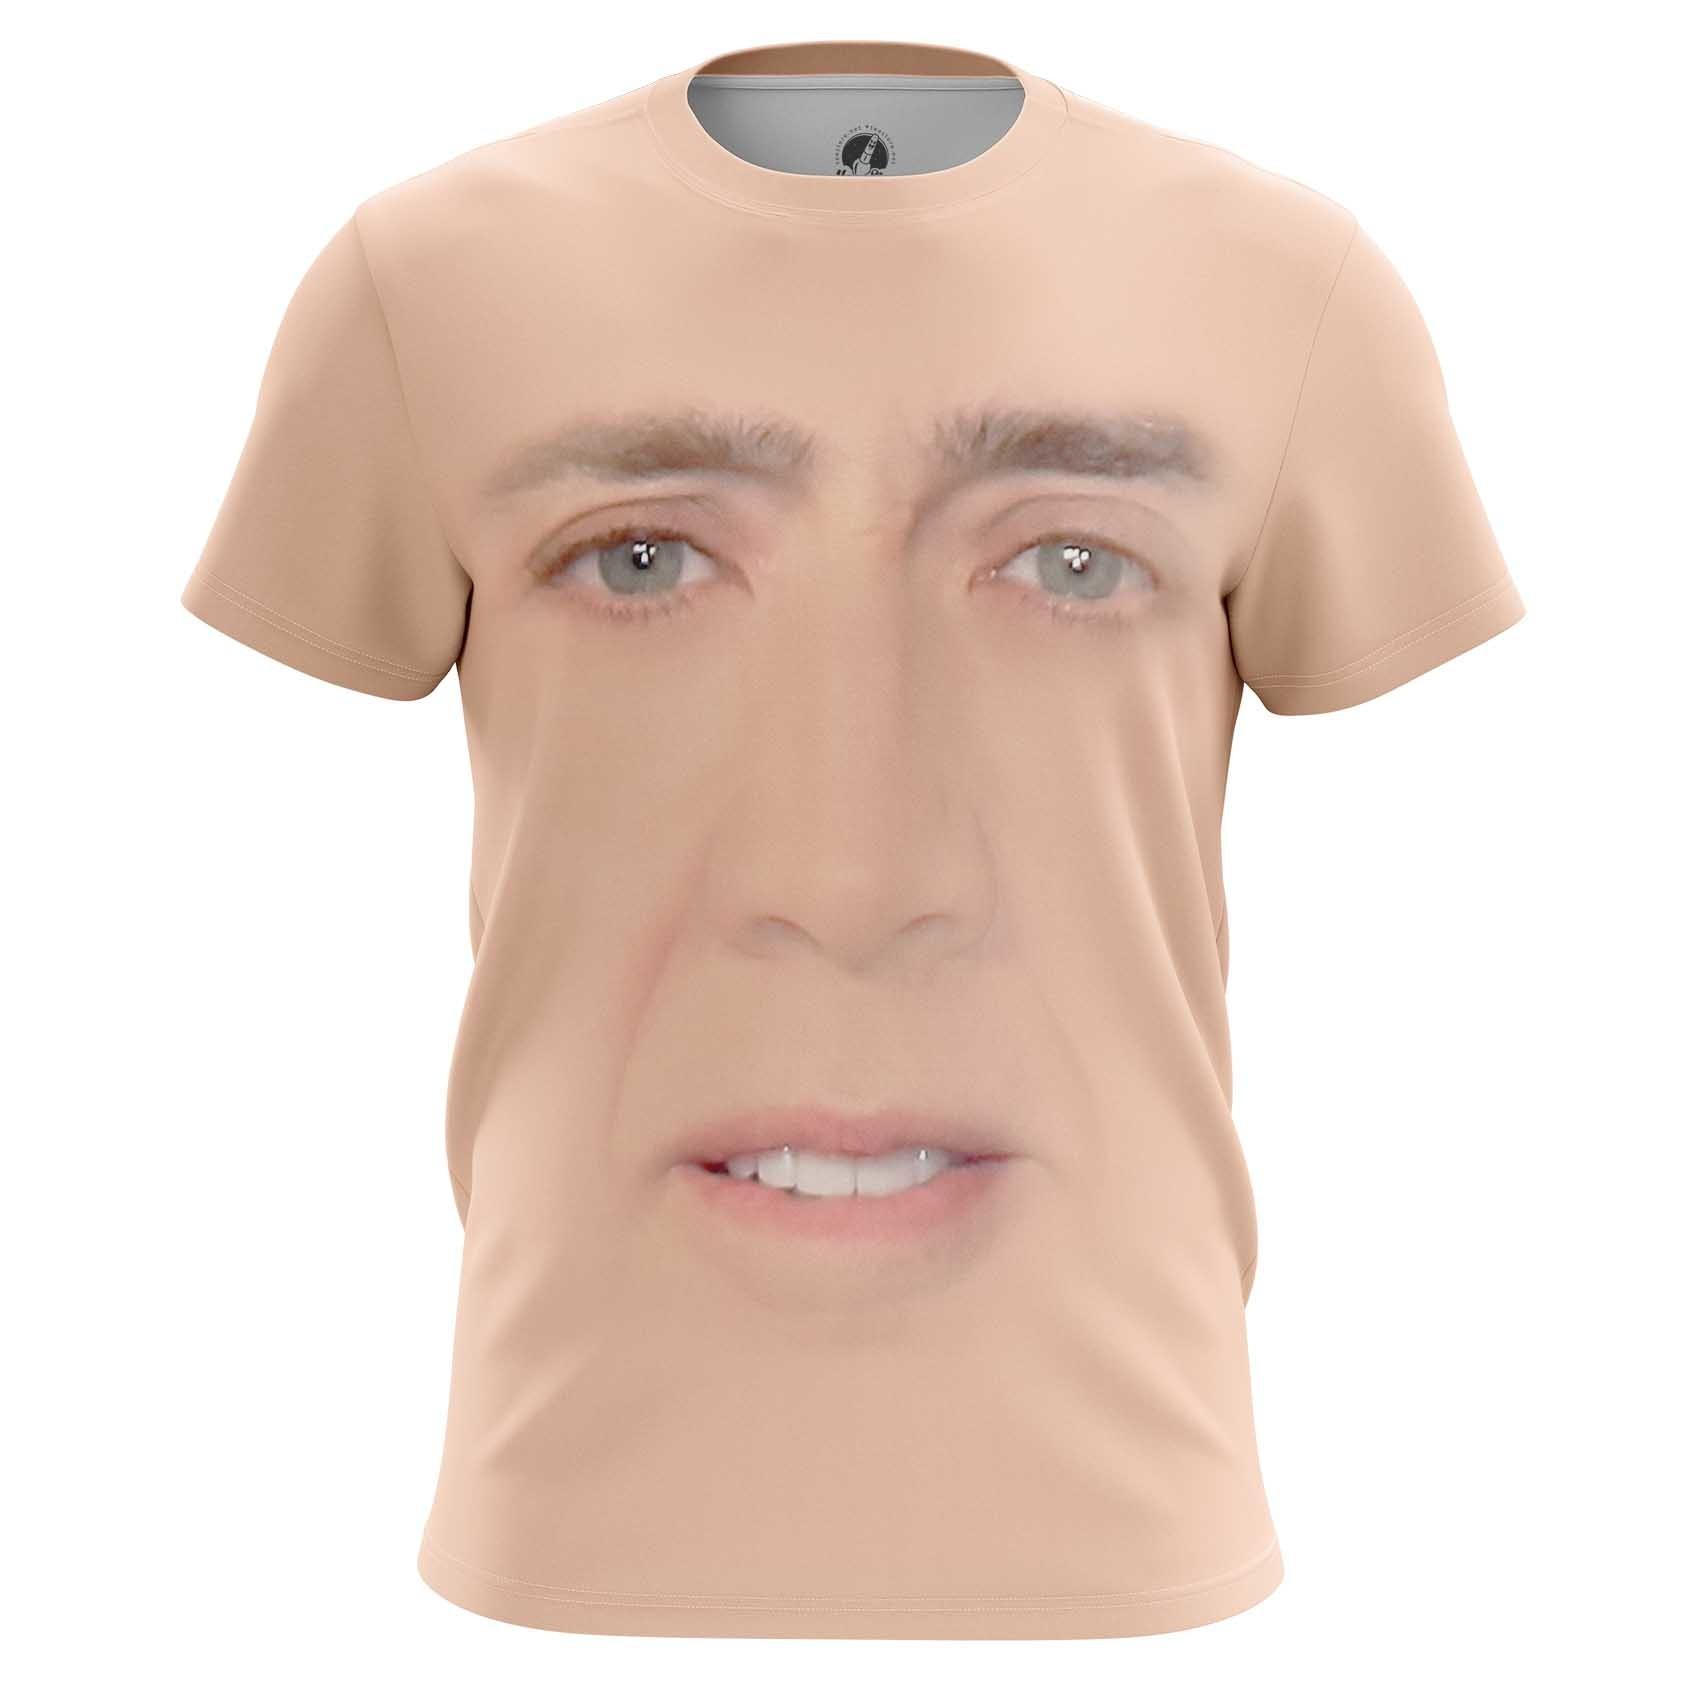 Collectibles Long Sleeve Nicolas Cage Face Art Meme Fun